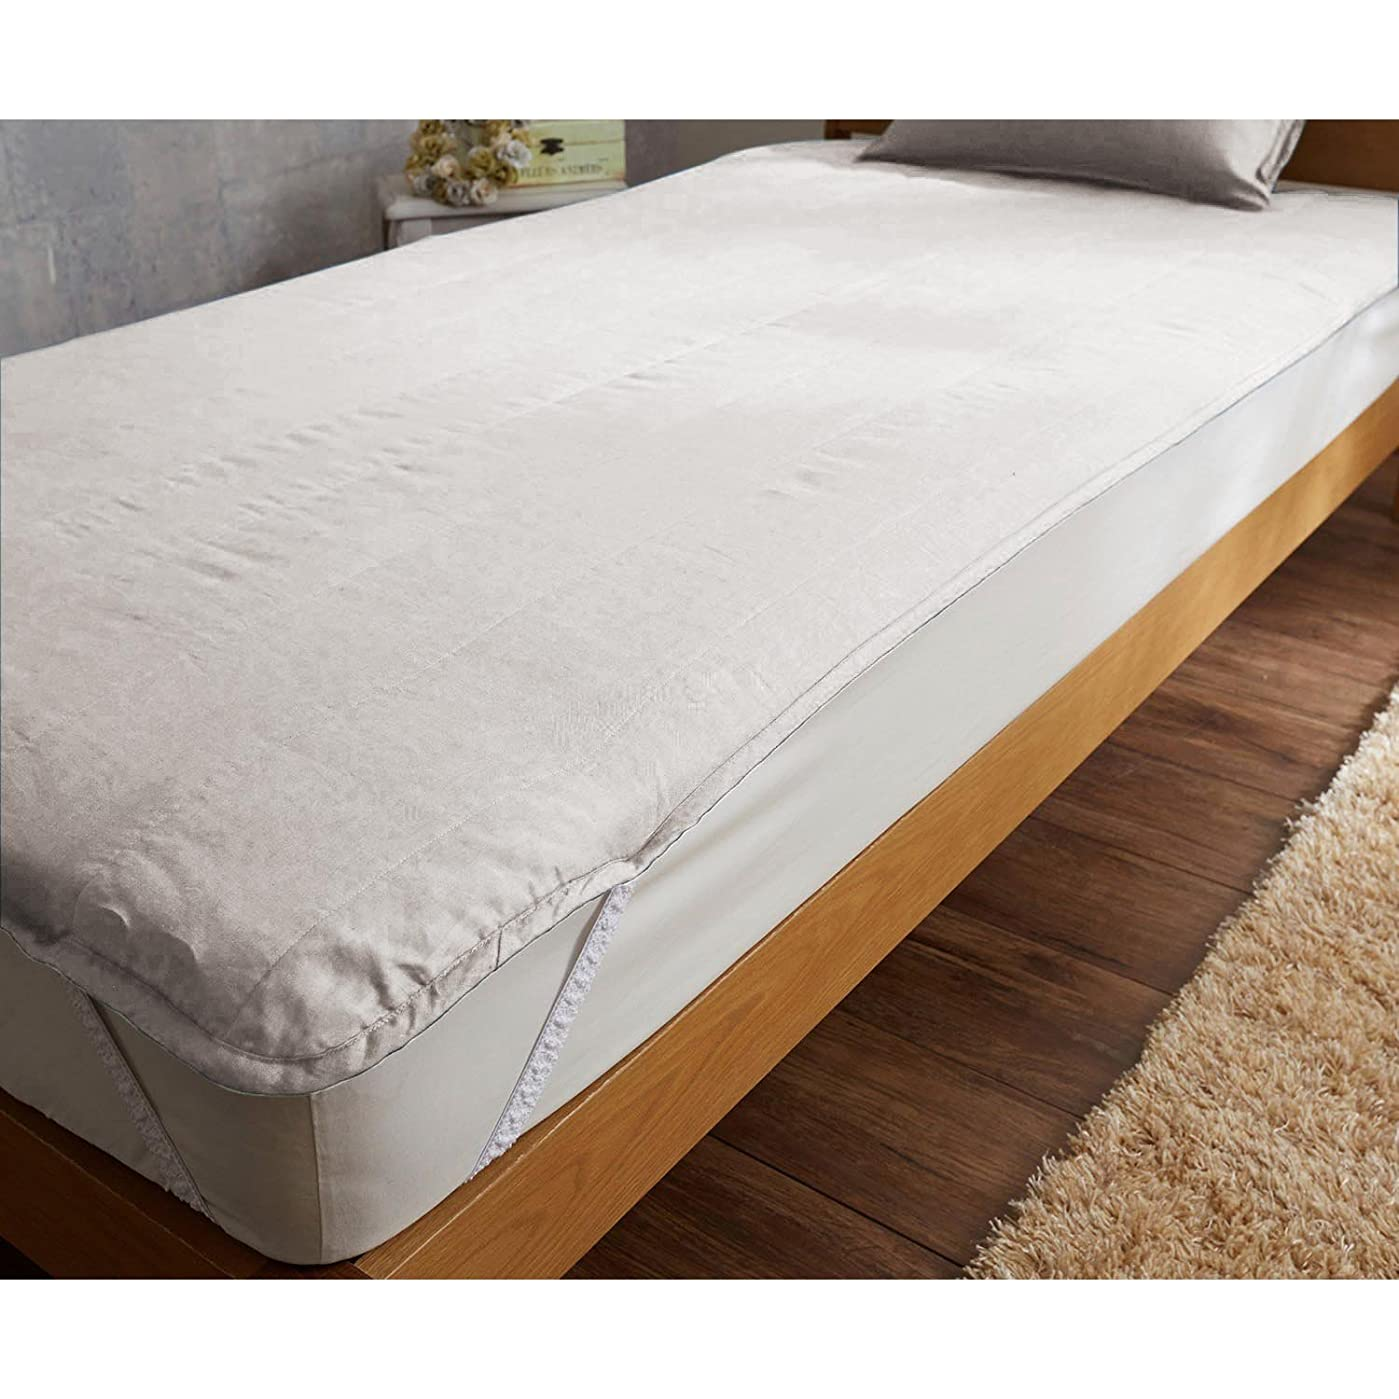 ブレンド降伏なる[ベルメゾン] 敷きパッド ダブル リネン 洗える 140×200cm 麻100% フレンチリネン敷きパッド アイボリー